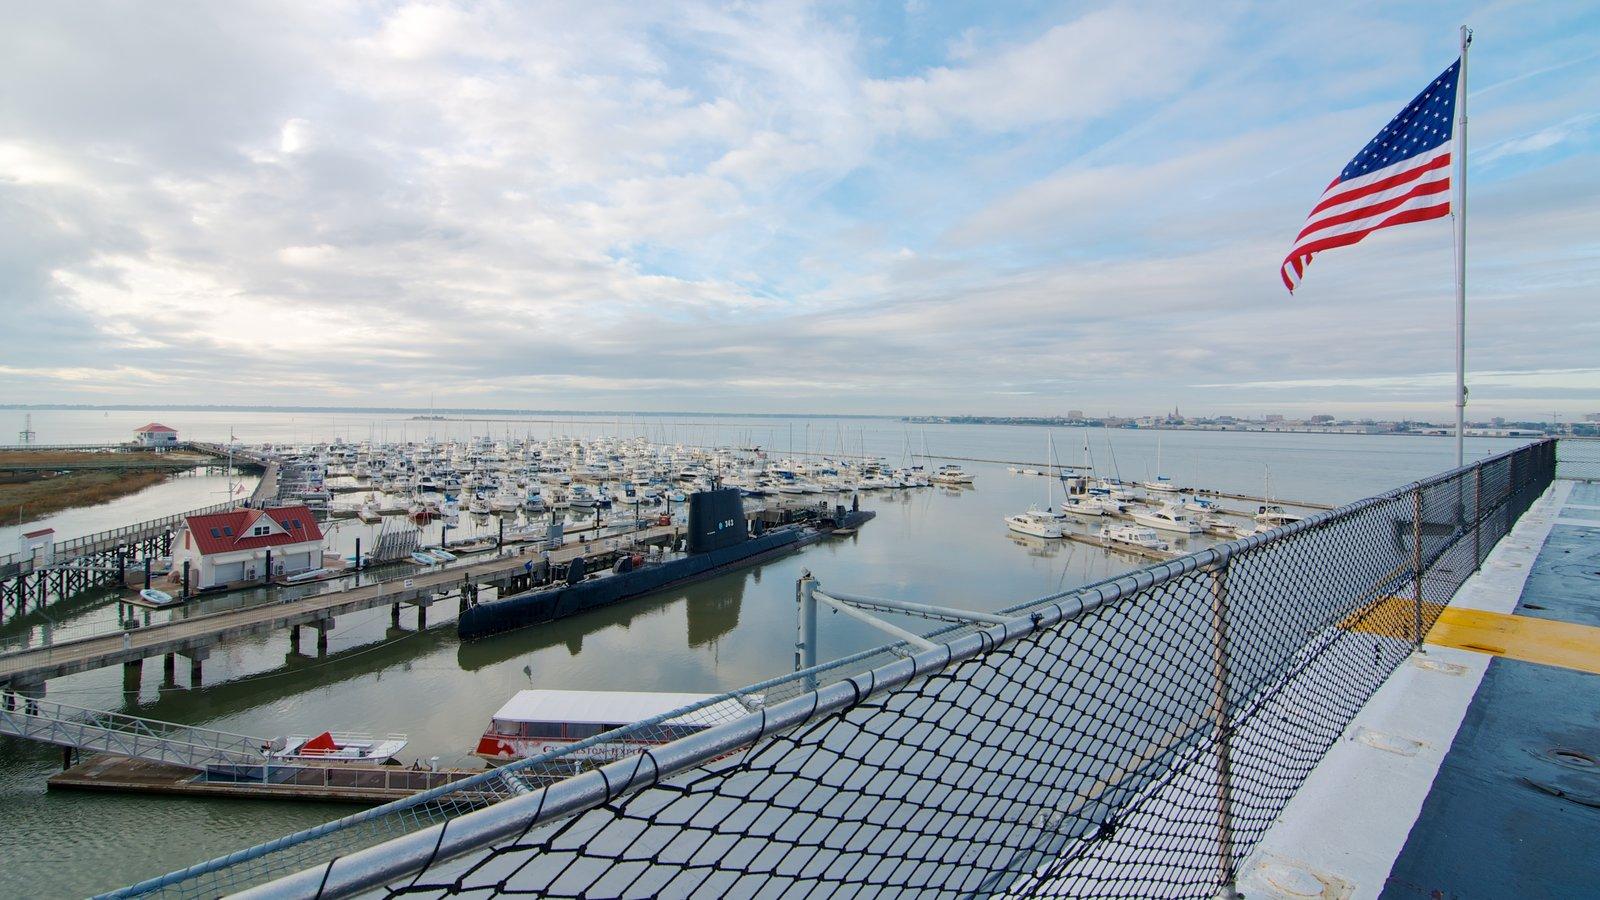 USS Yorktown caracterizando uma baía ou porto